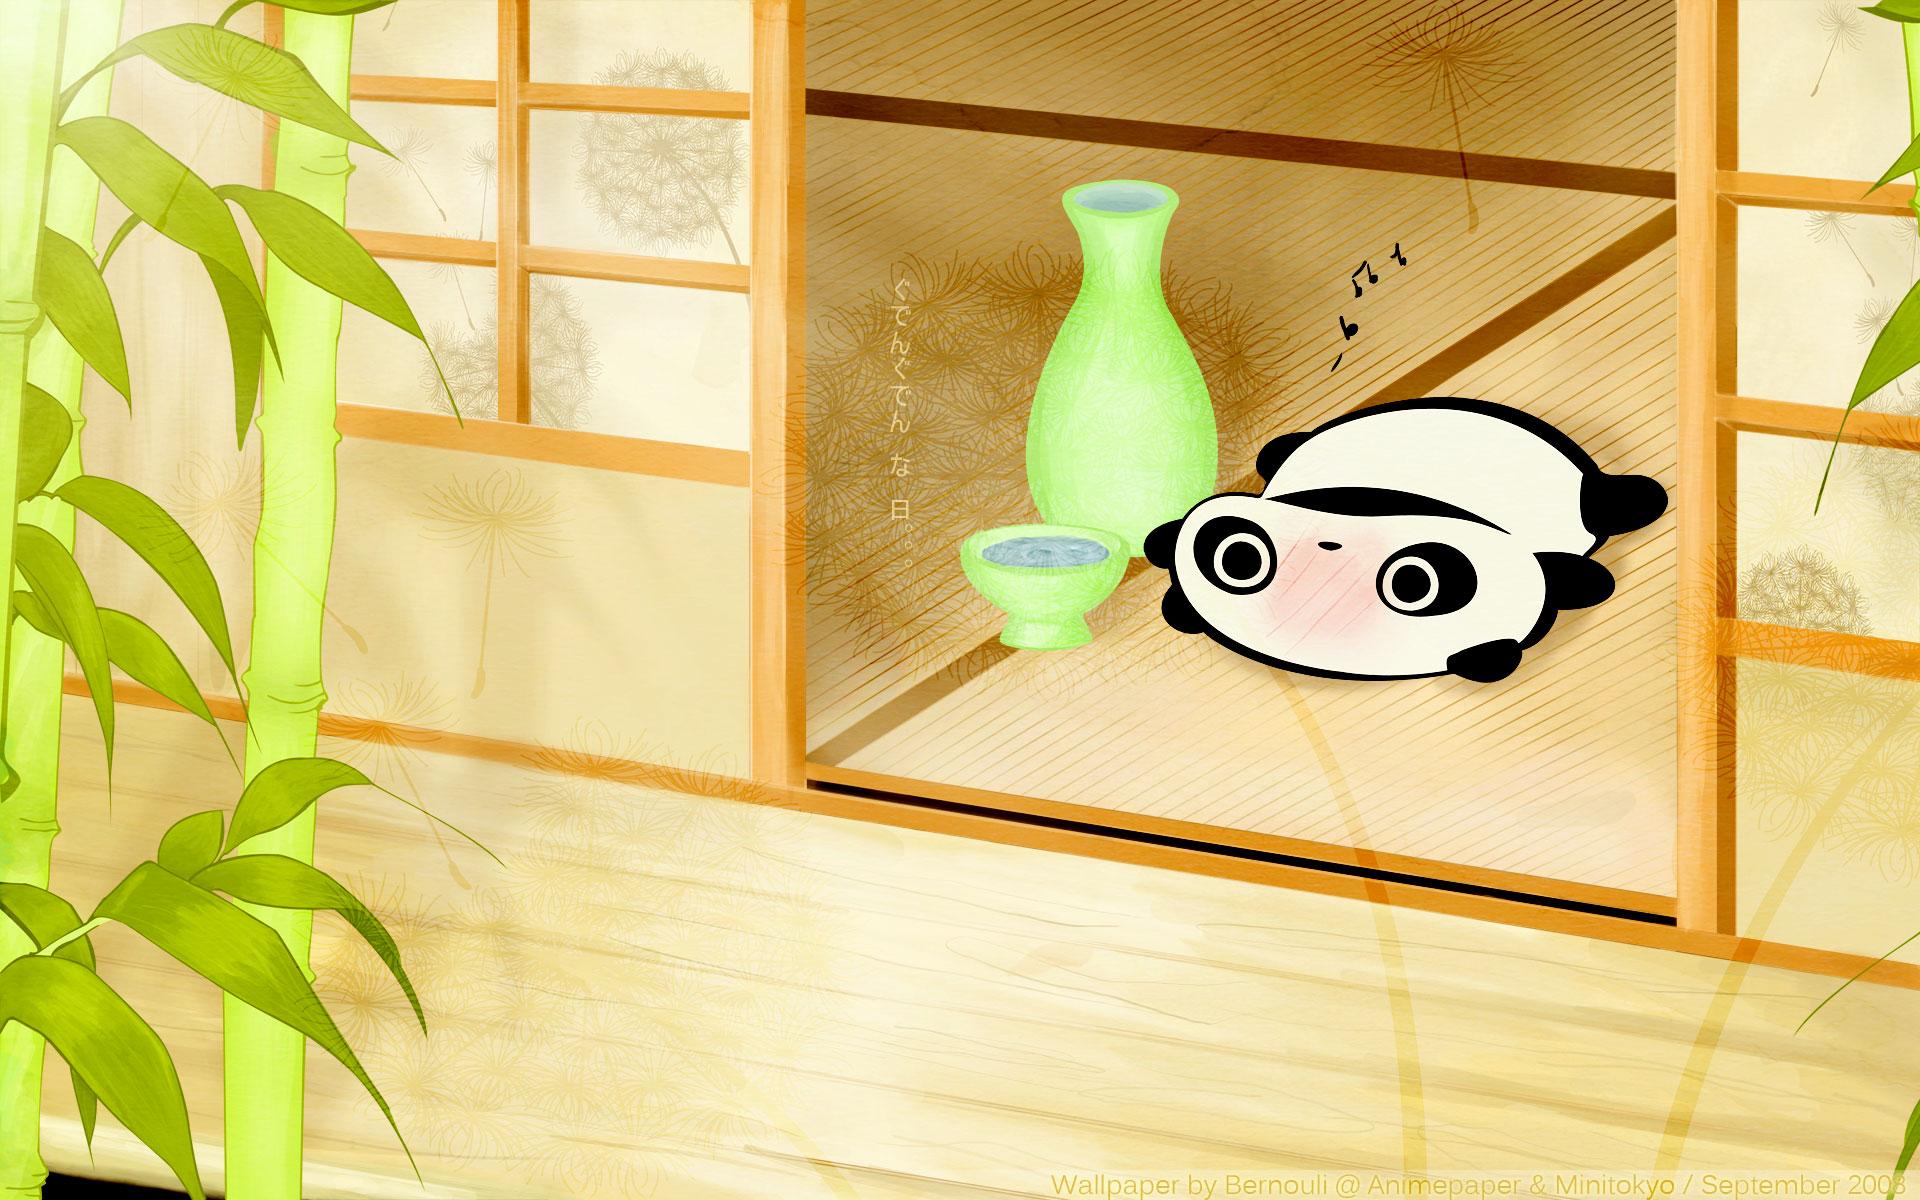 Cute Cartoon Sushi Wallpaper Tarepanda Wallpaper Gudenguden Na Hi Minitokyo